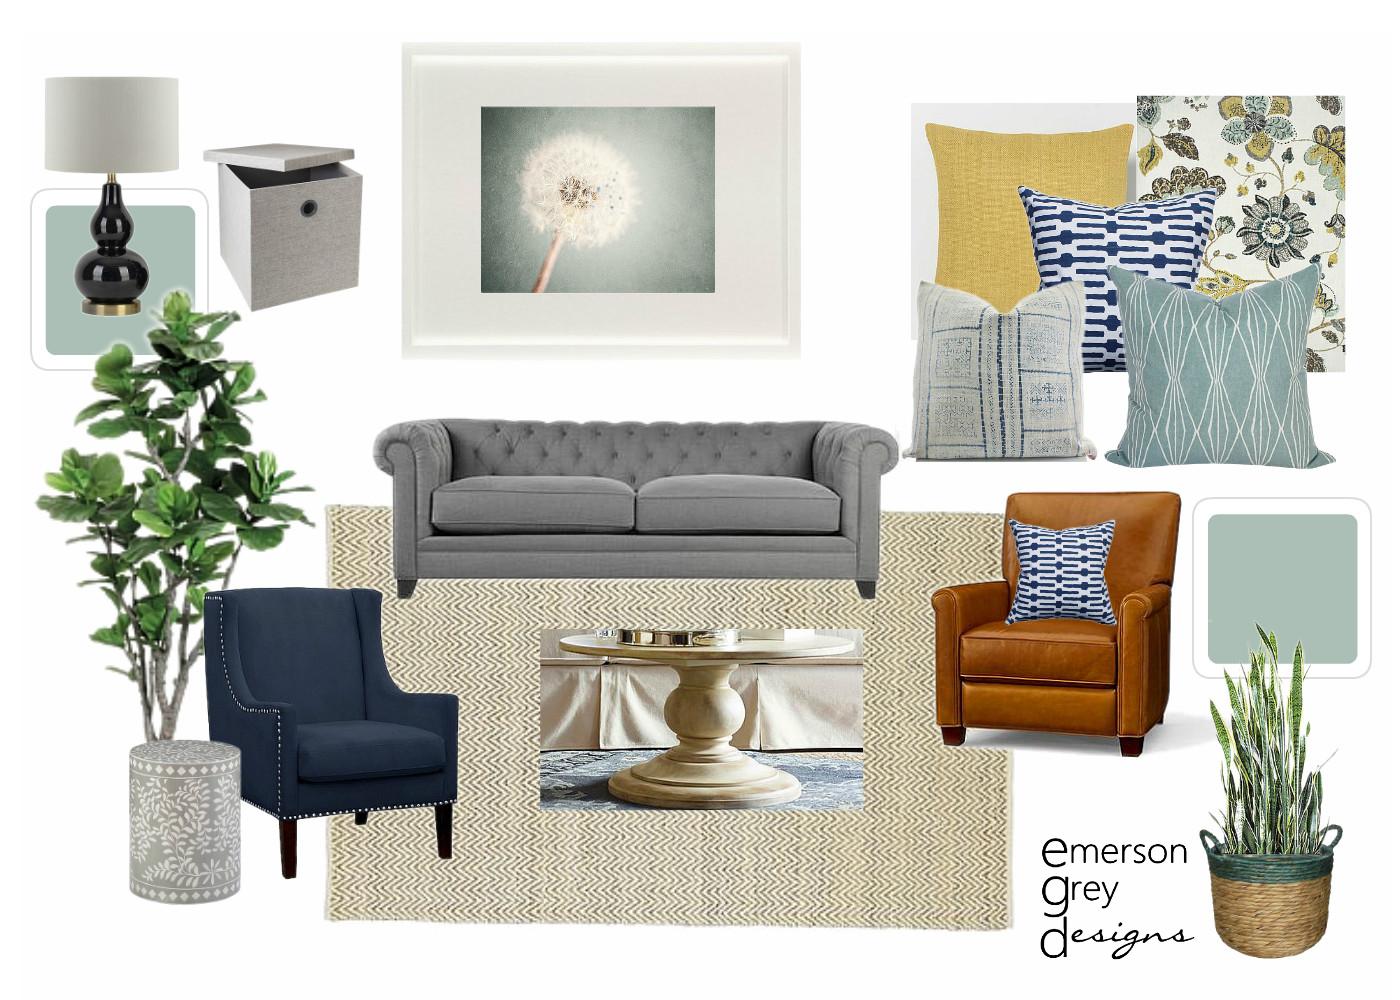 Emerson Grey Designs : E-design interior stylist: Living ...